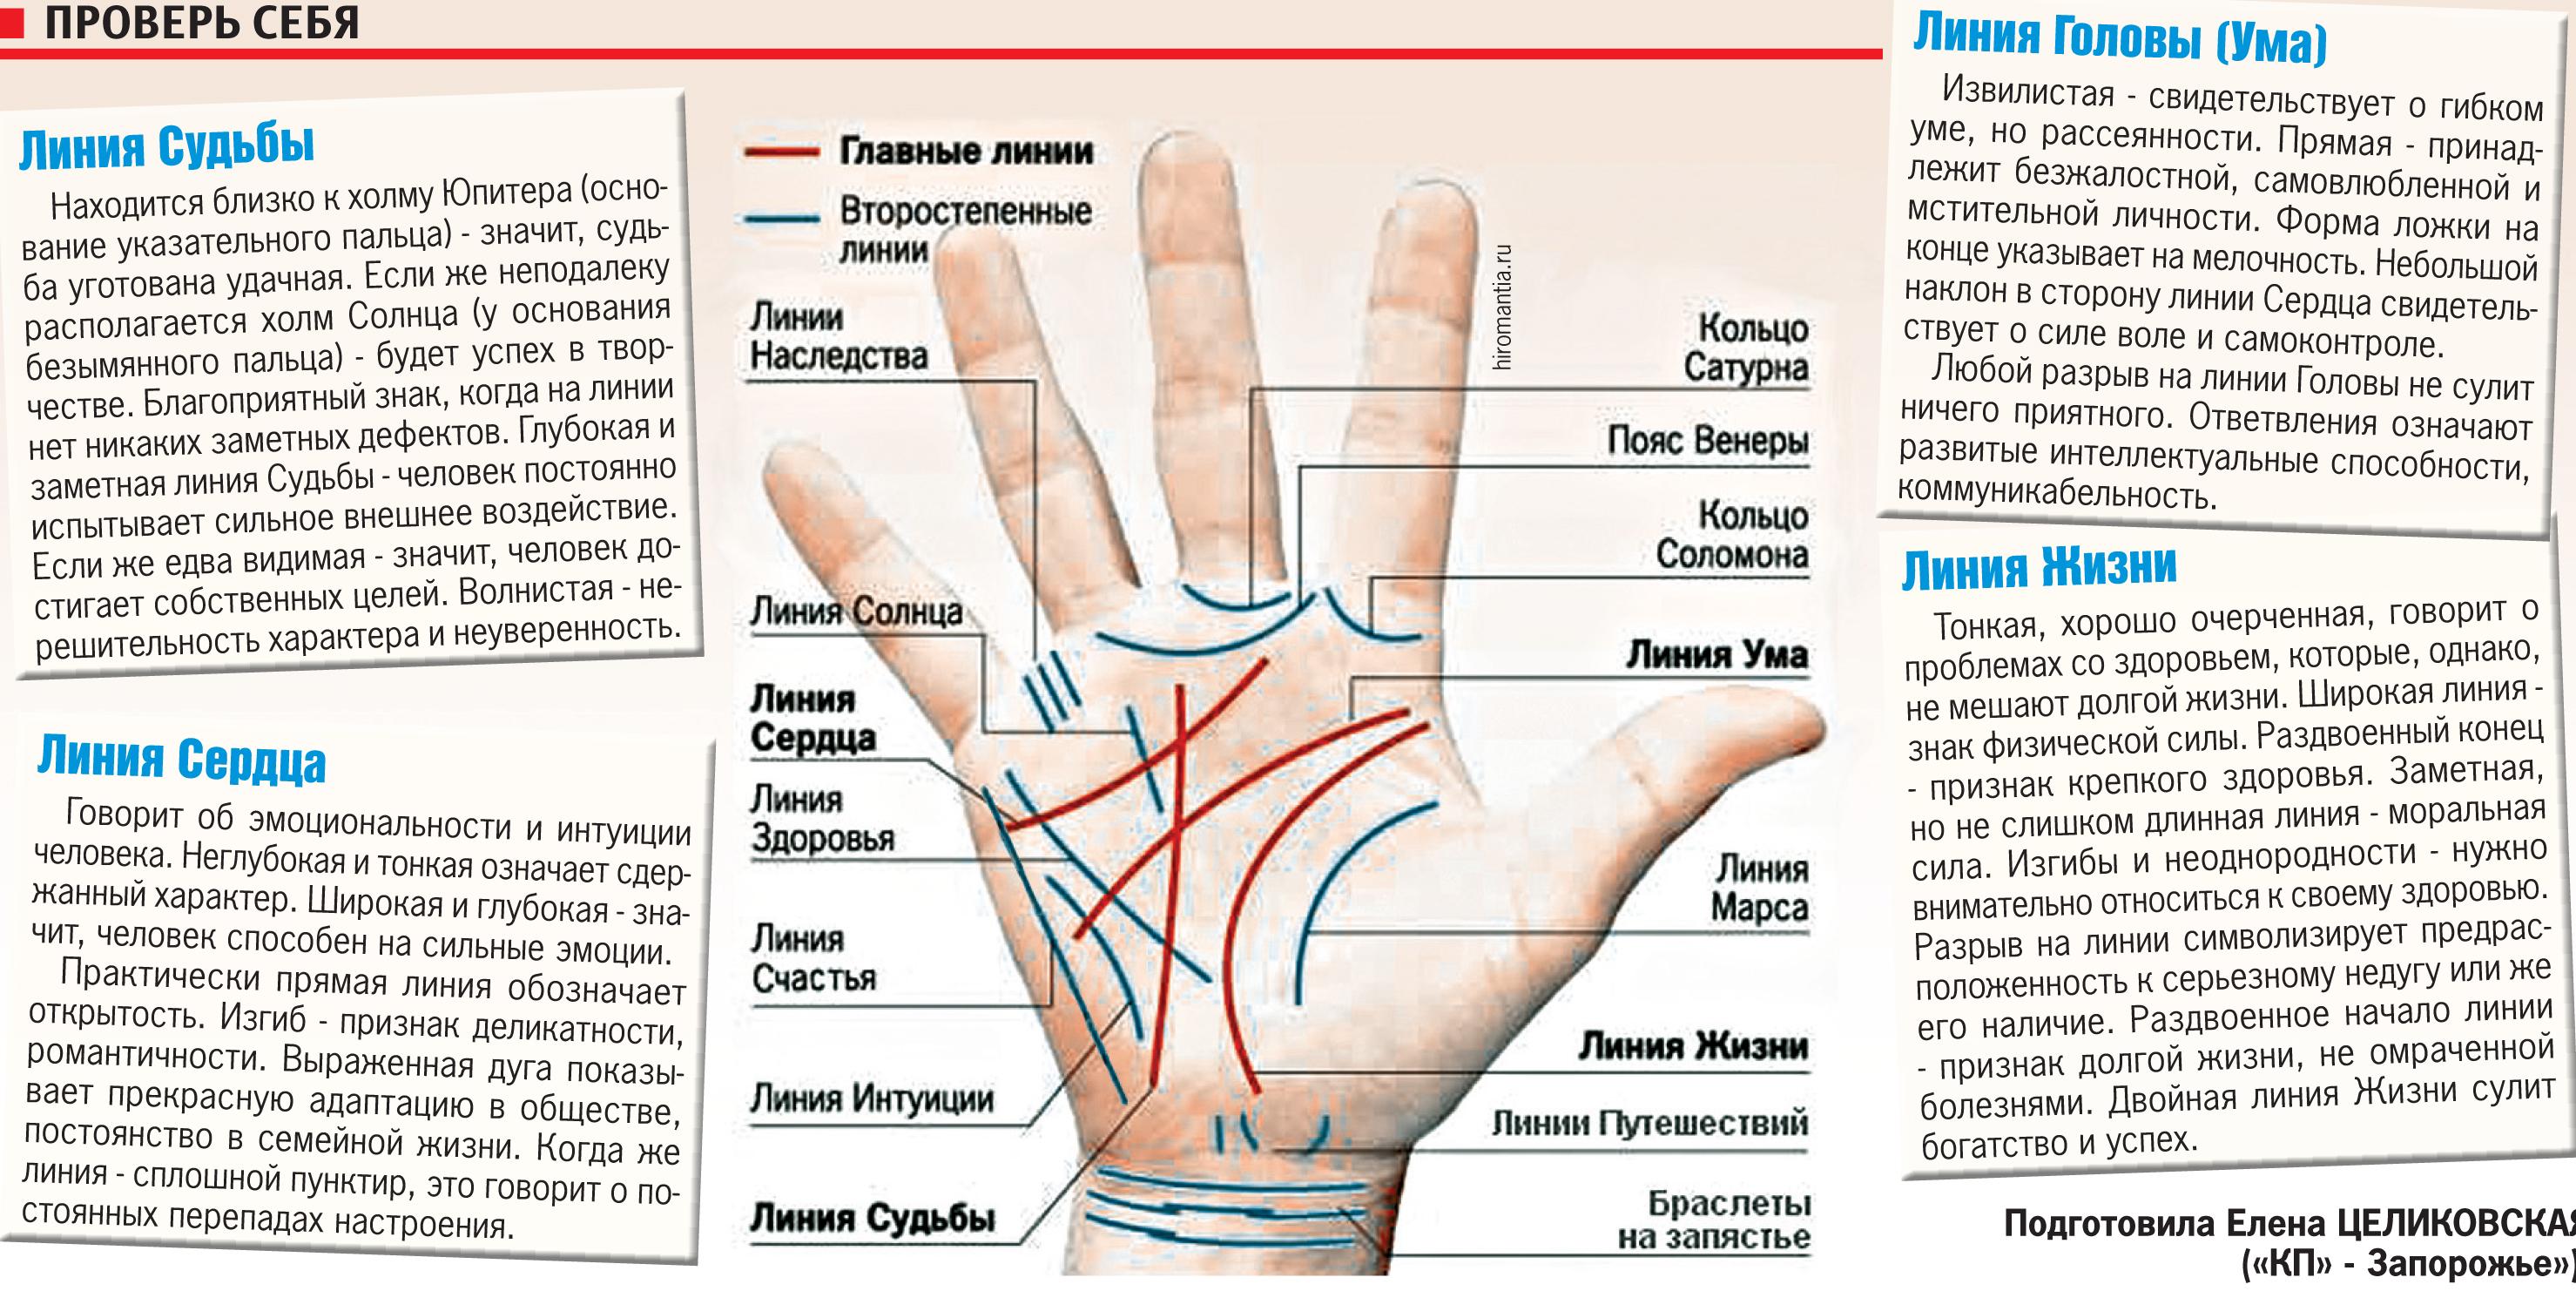 Линии на руке: что они означают? Как узнать свое будущее 38